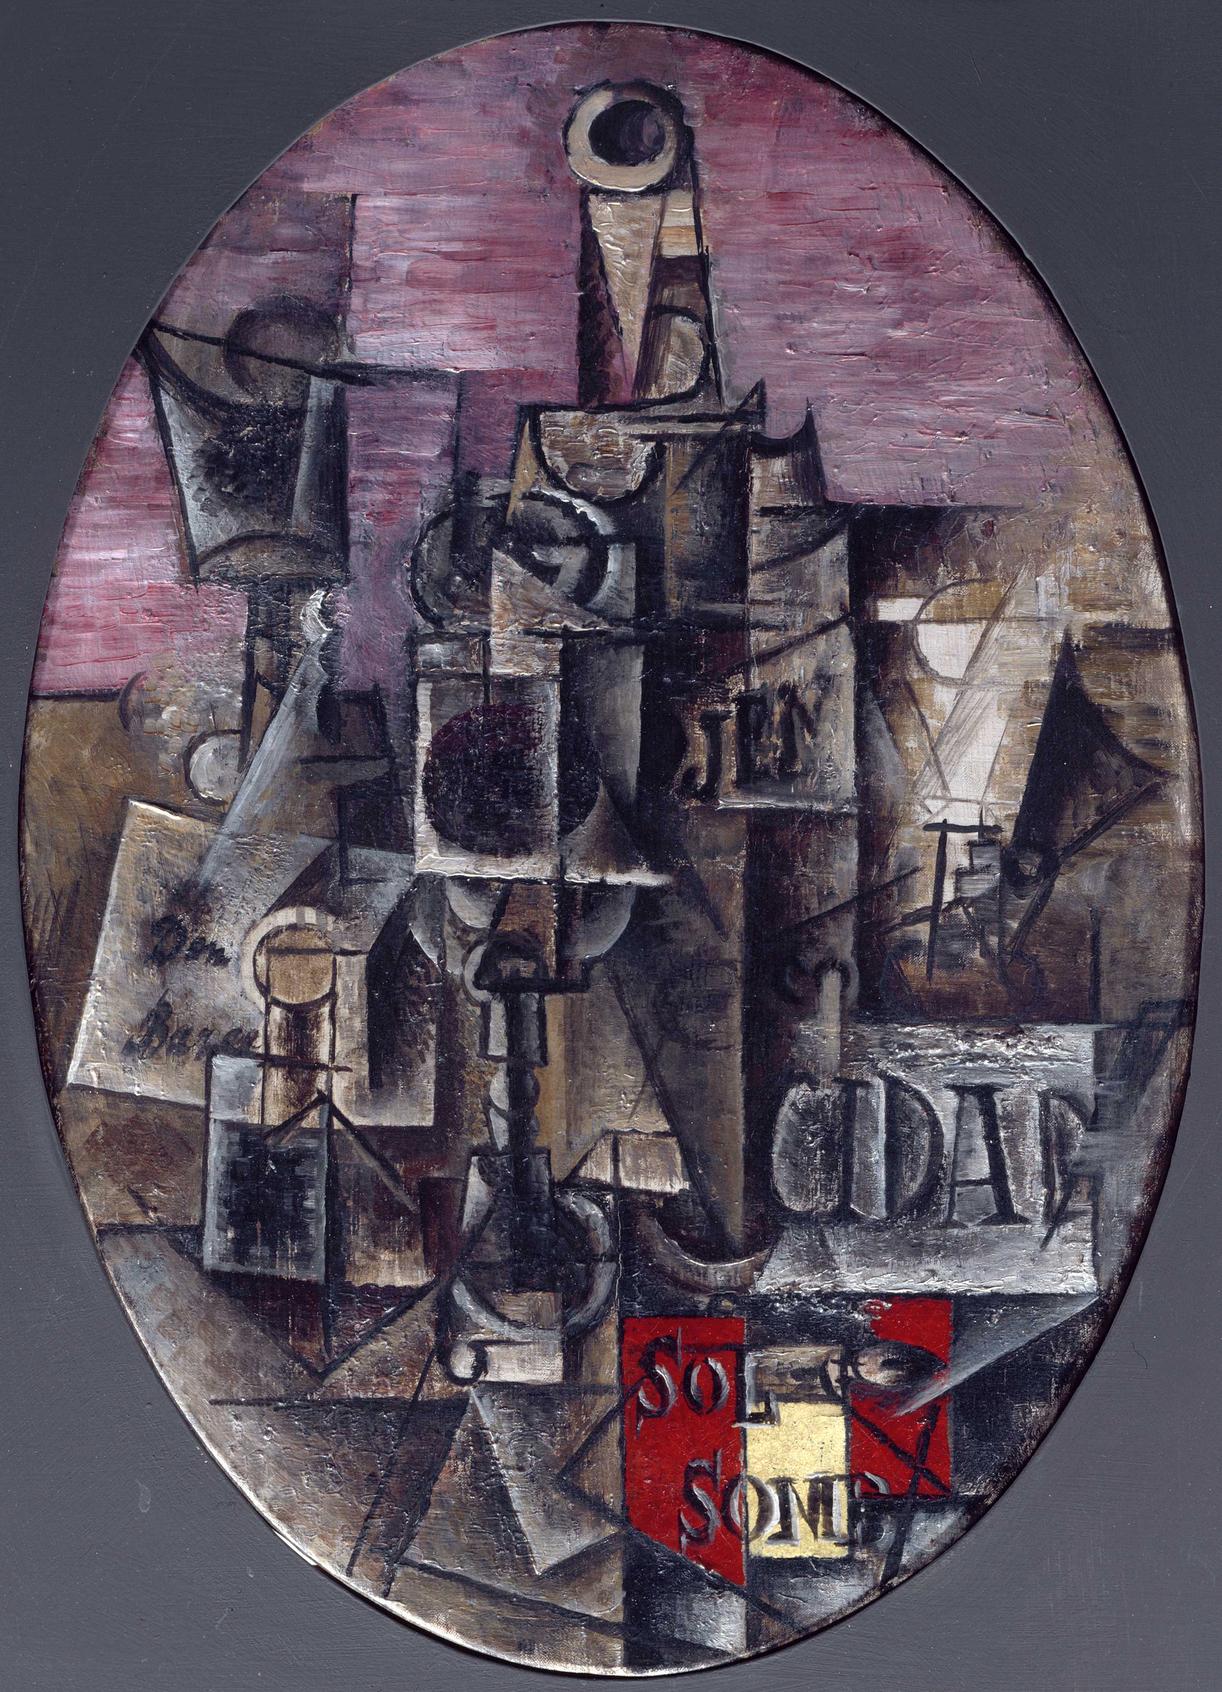 File:Pablo Picasso, 1912, Nature morte Espagnole (sol y sombra), oil ...